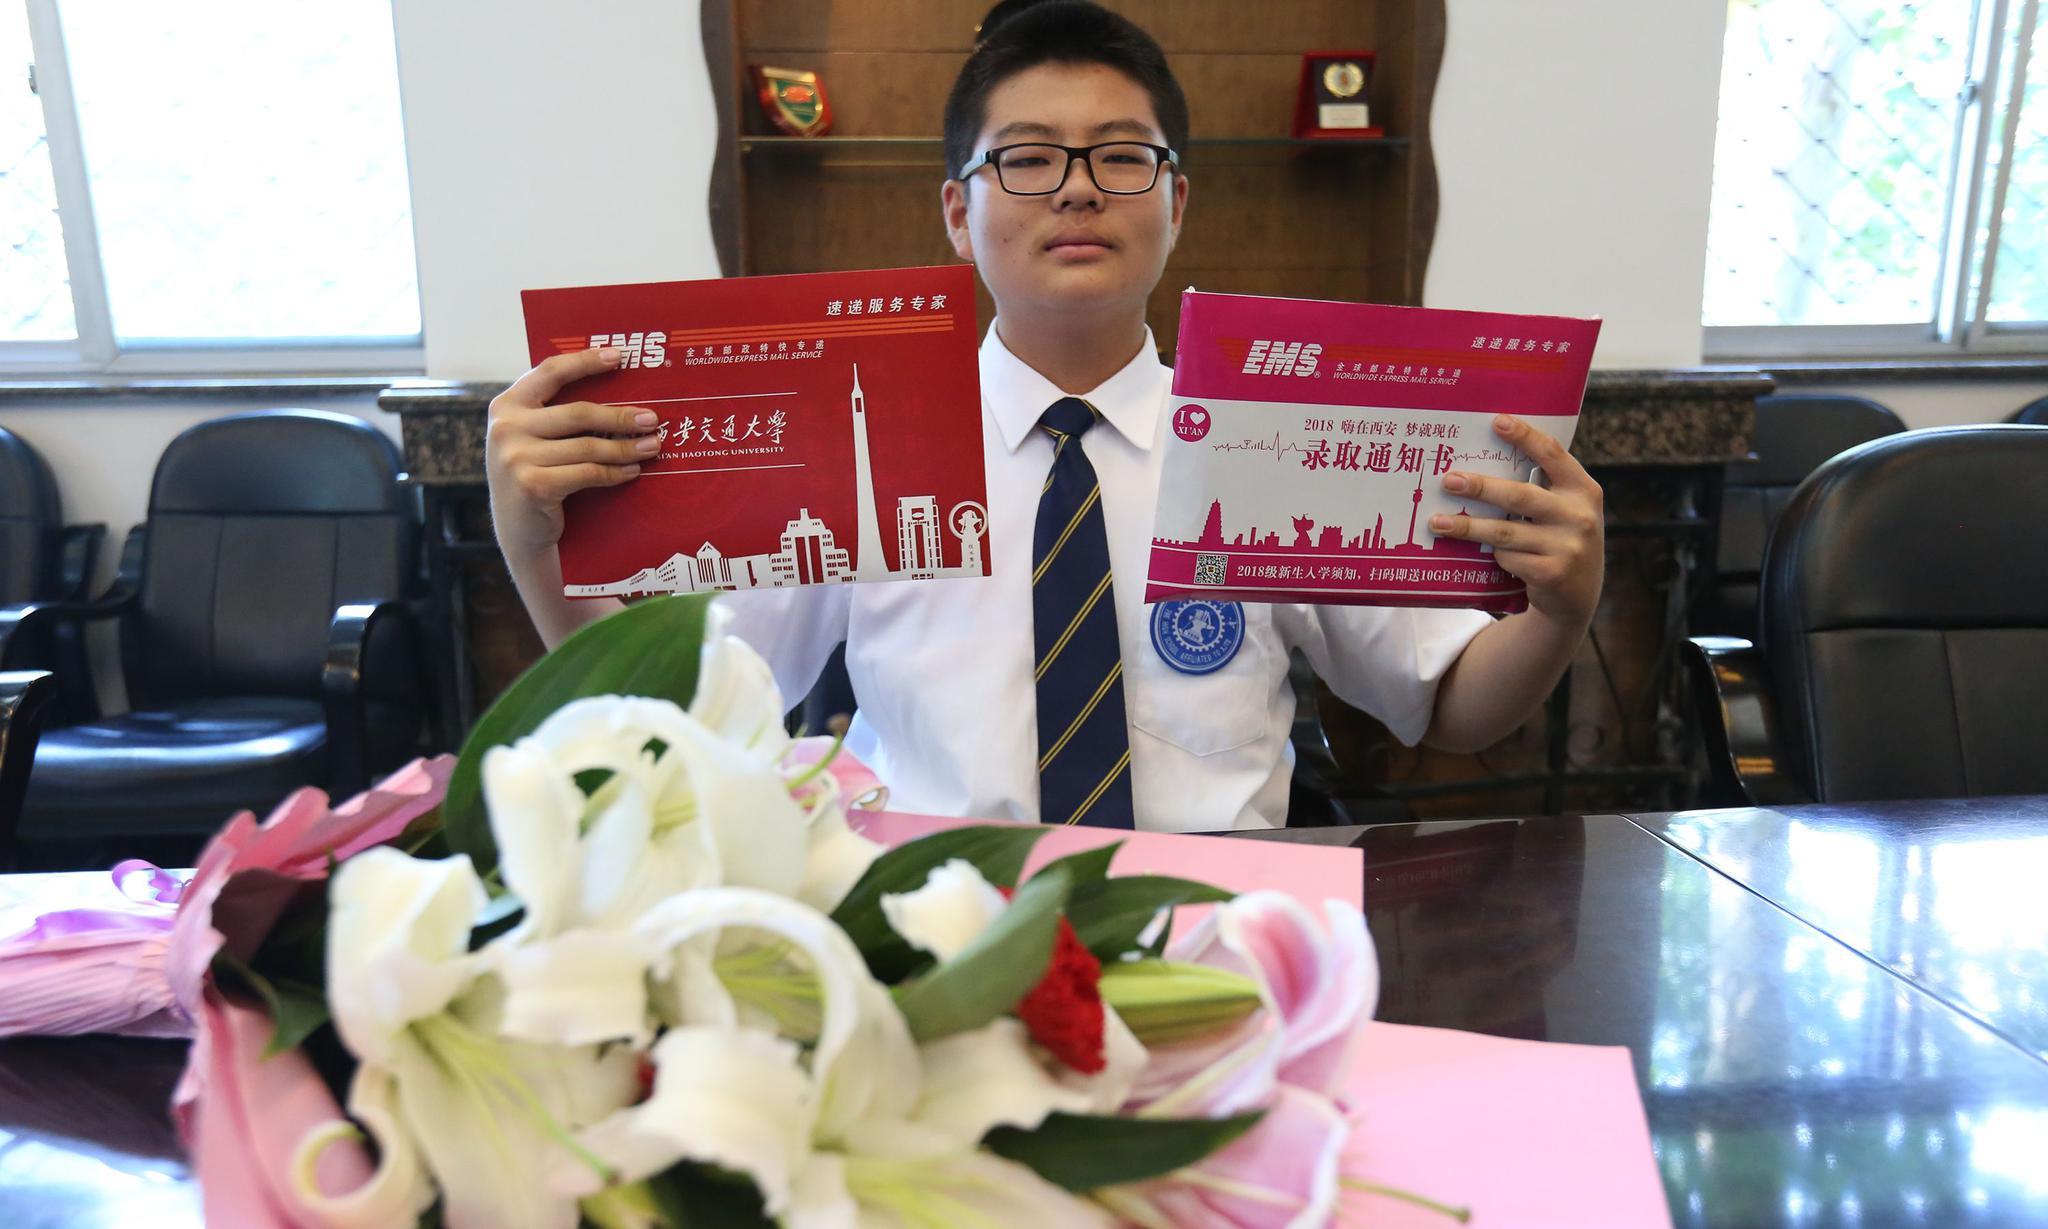 陕西第一封高考录取通知书 主人为15岁学霸